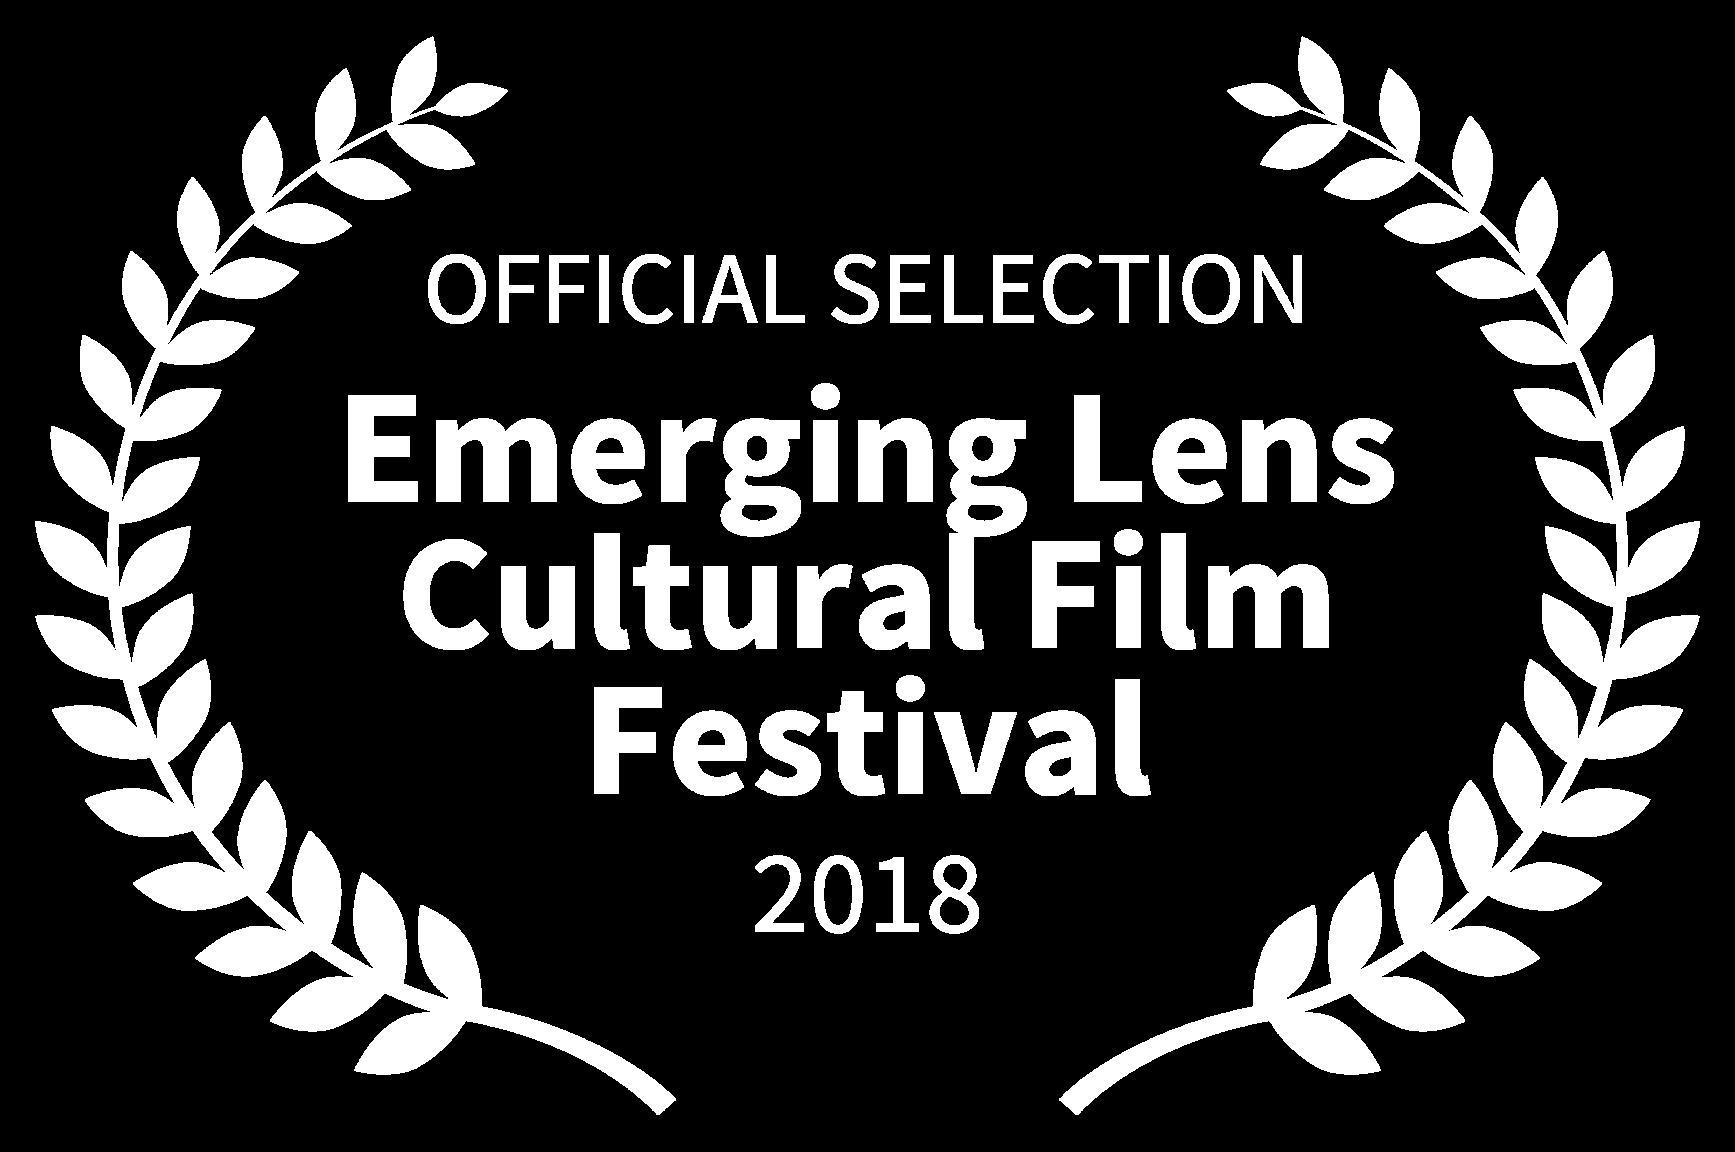 Emerging Lens Cultural Film Festival - Black Bk.png